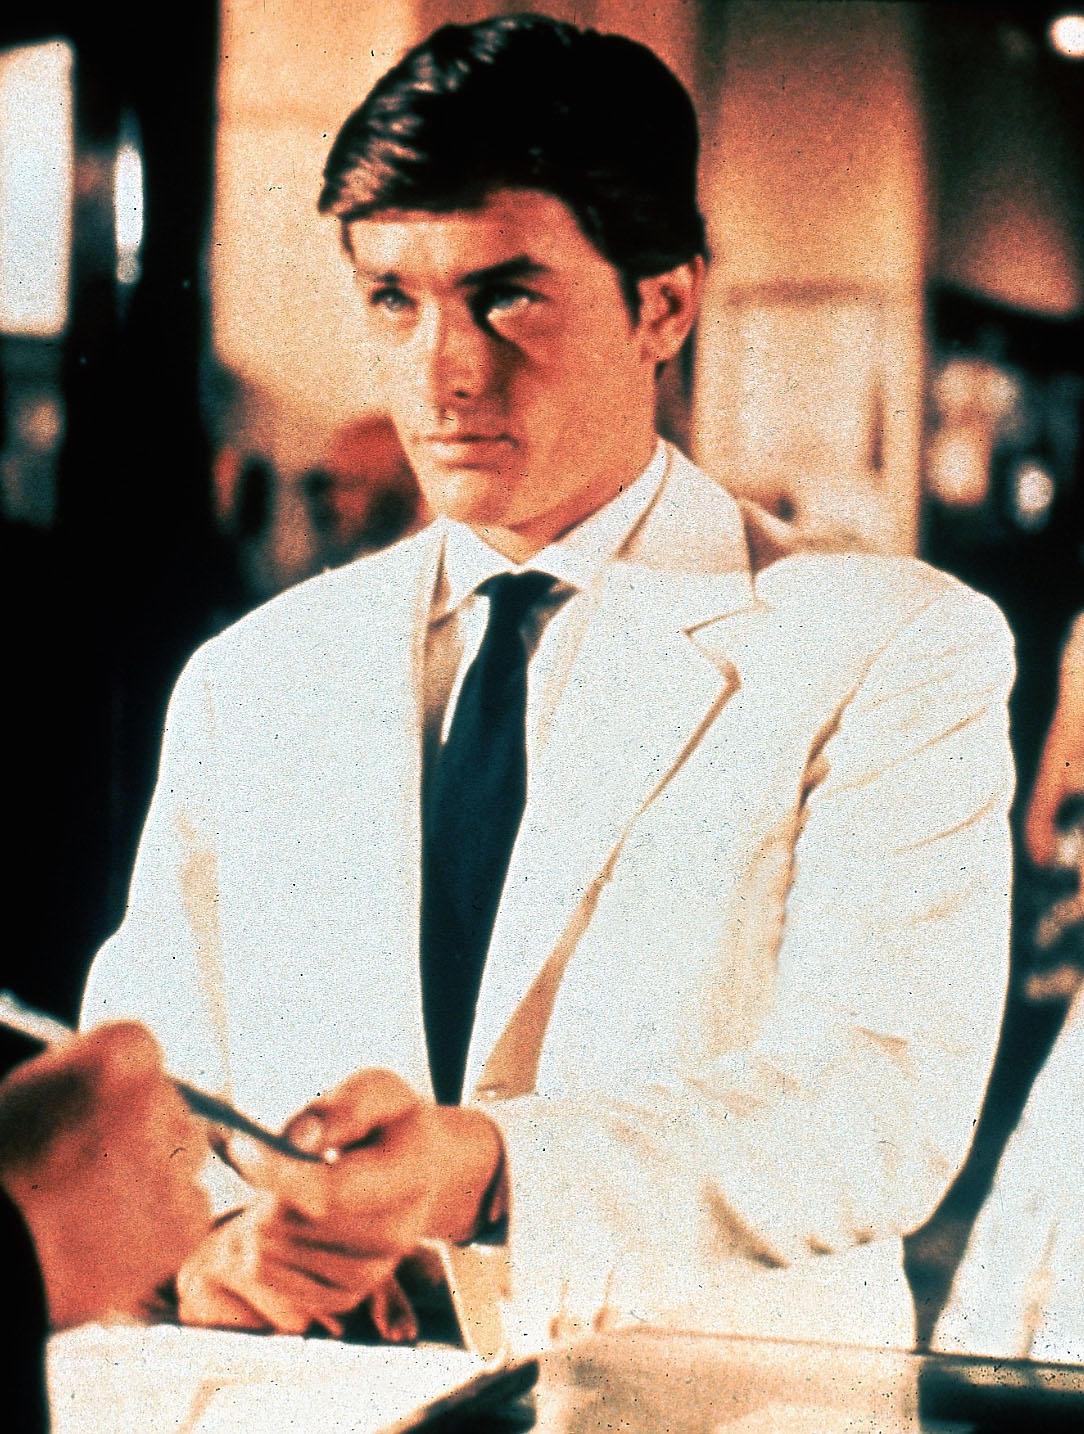 b5039bbd54d9 Alain Delon as Tom Ripley in Purple Noon (1960)